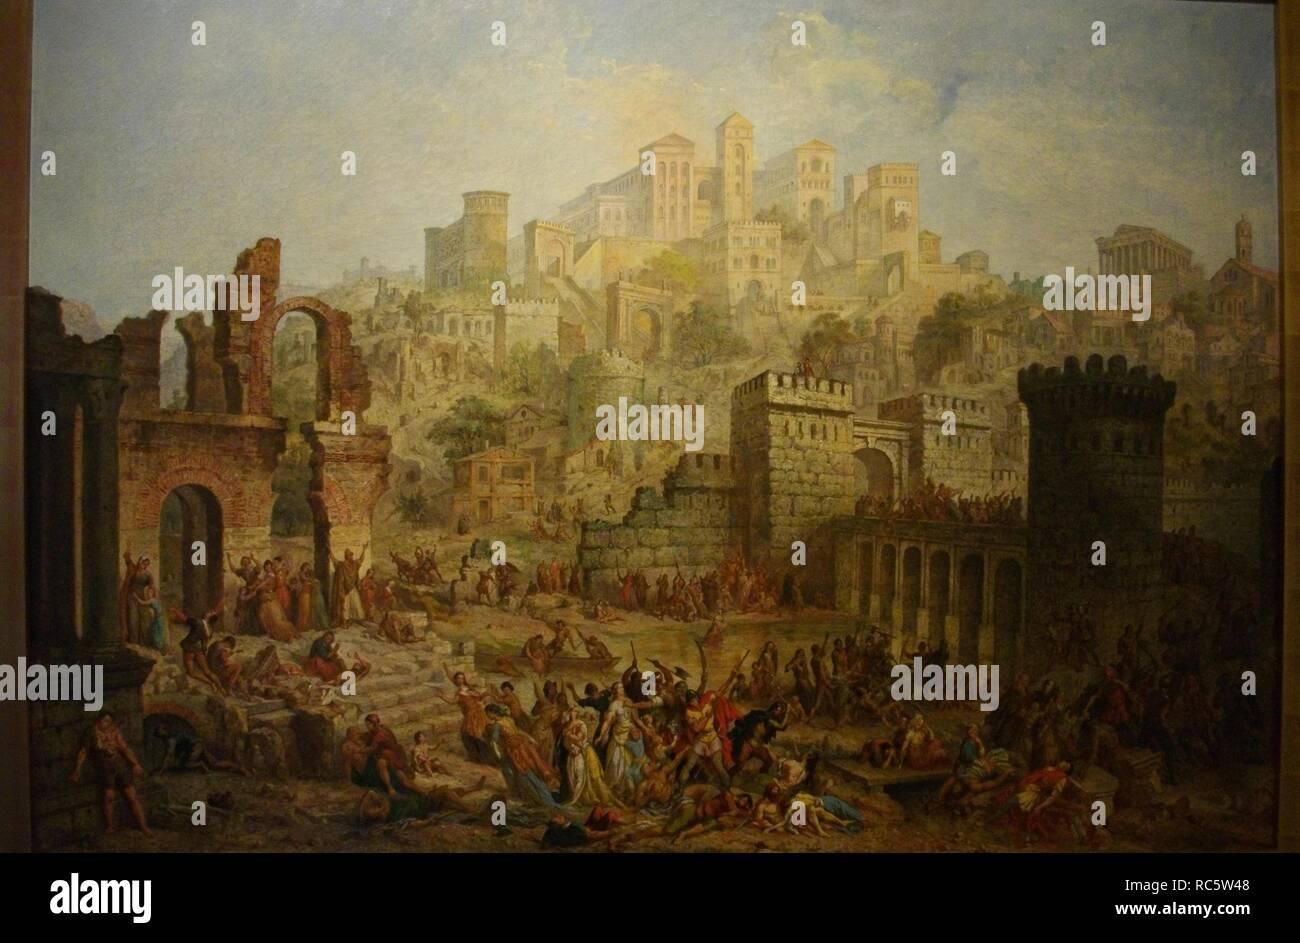 La matanza de judíos en Metz durante la primera cruzada. Museo: Musée d'Art et d'Histoire, Metz. Autor: Migette, Auguste. Foto de stock